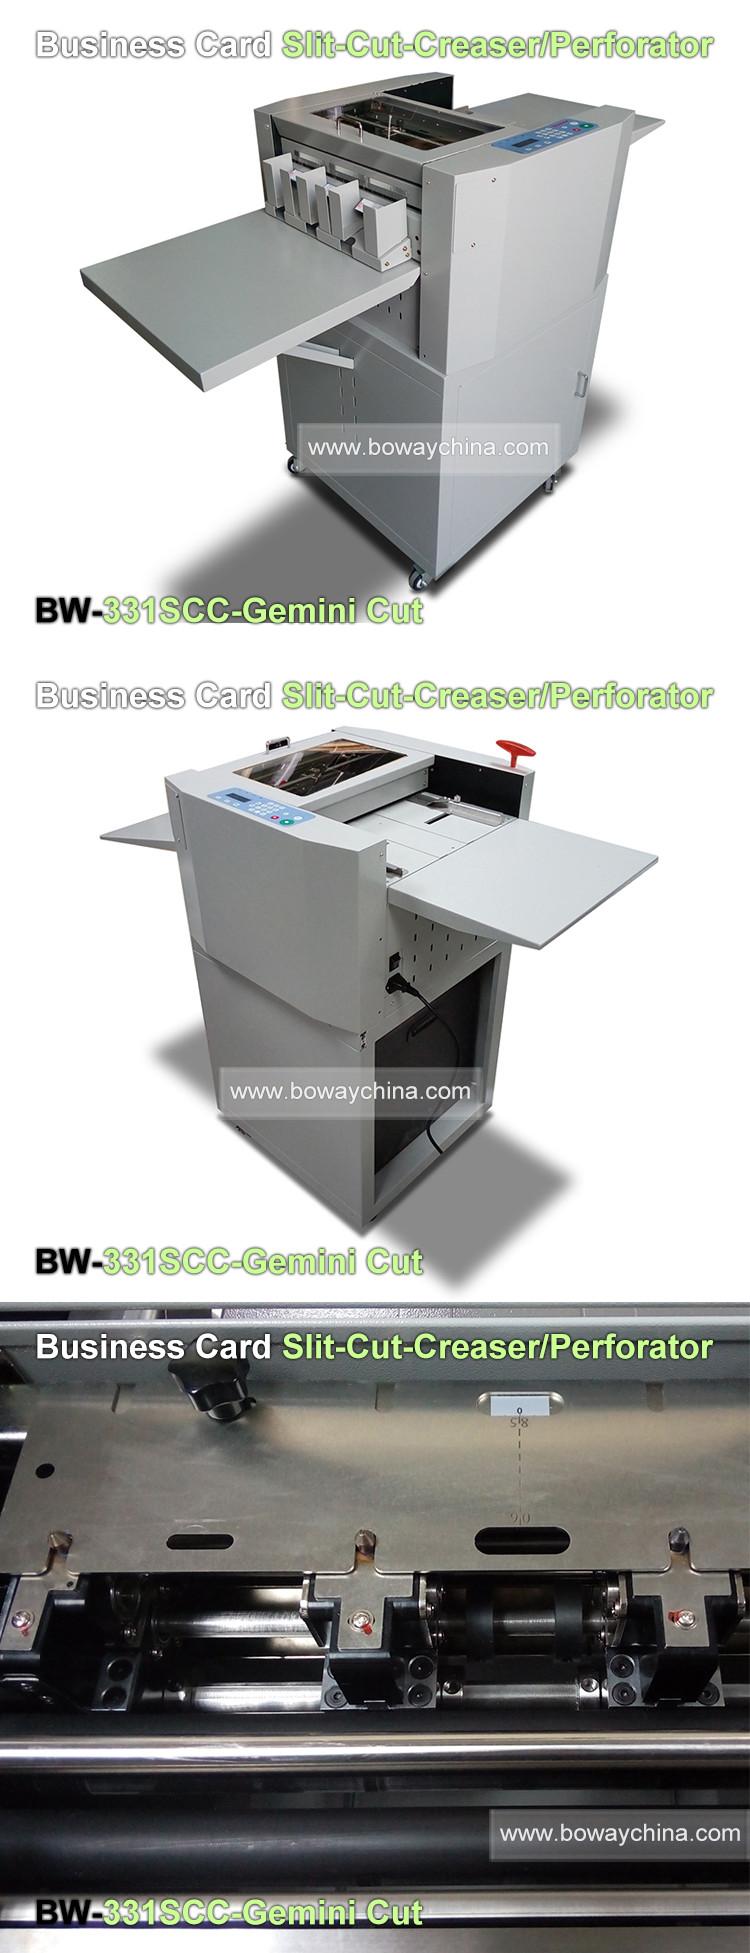 331SCC Machine.jpg